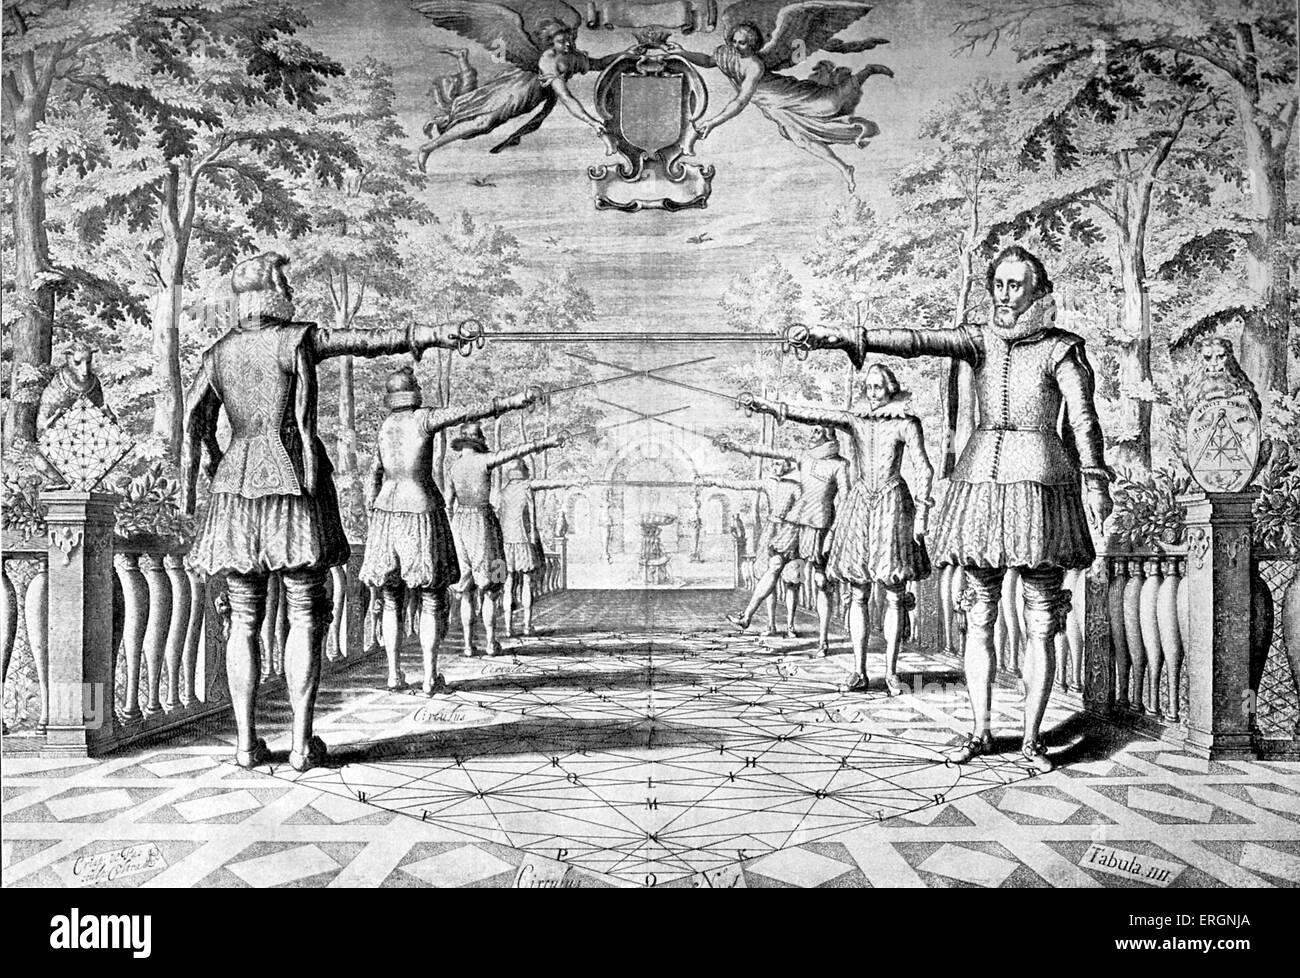 Grabado representando el arte de la esgrima del Academie de l'Espée (Academia de la Espada ropera, 1628) Imagen De Stock